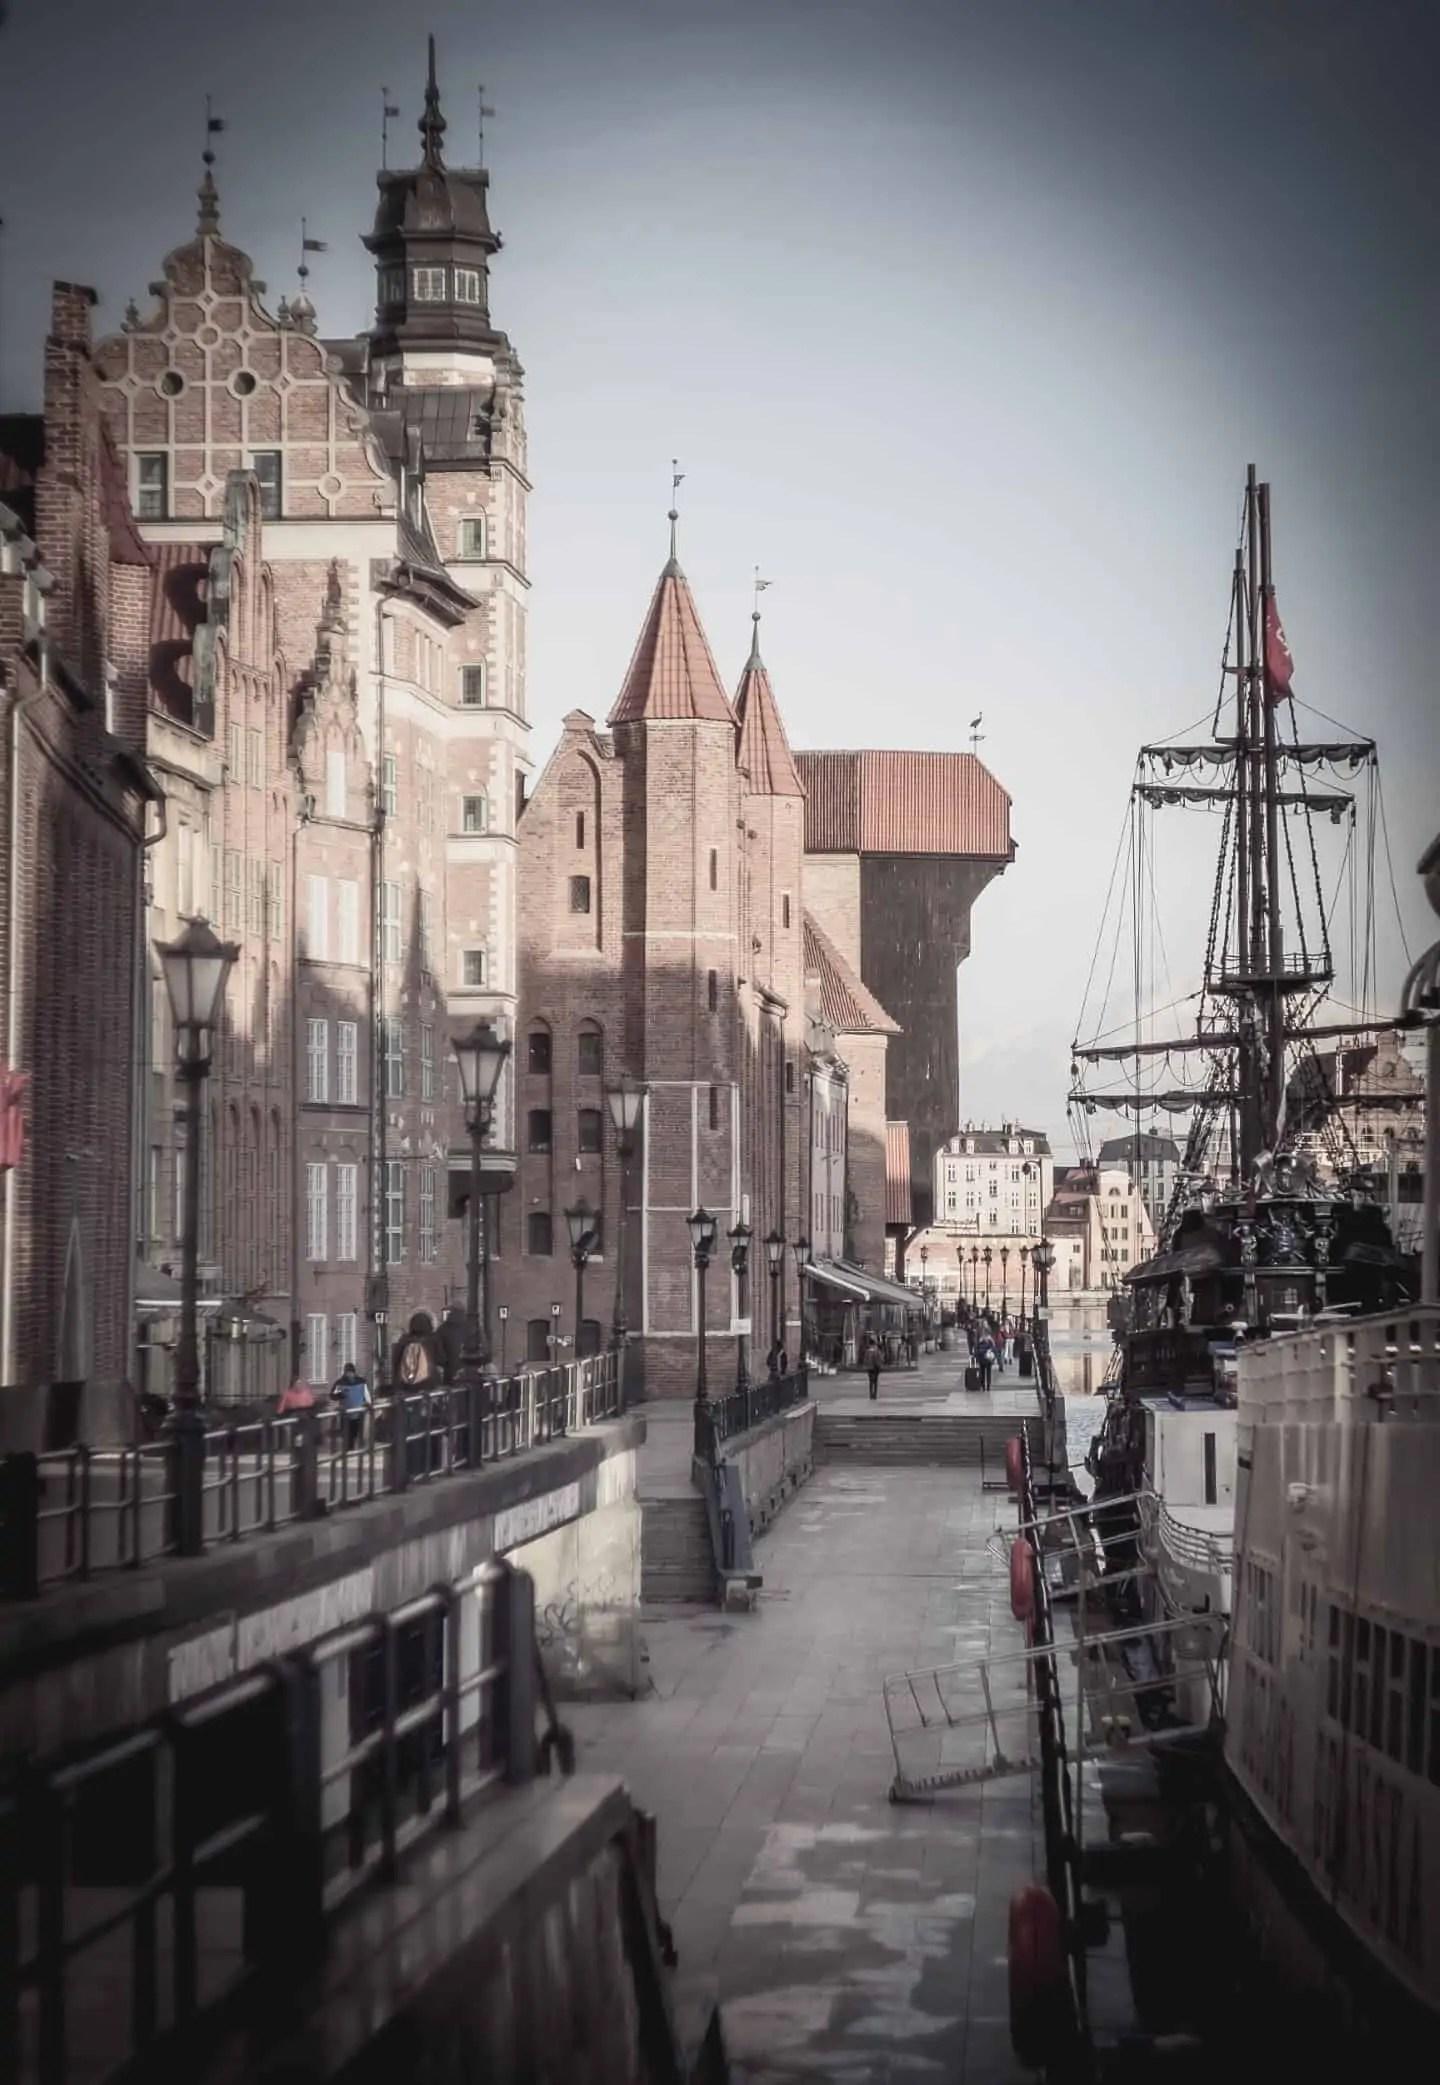 Gotycki Gdańsk pastelowe tablice LUT - Pastelowe presety do lightrooma - cała wiedza i ponad 7 filtrów